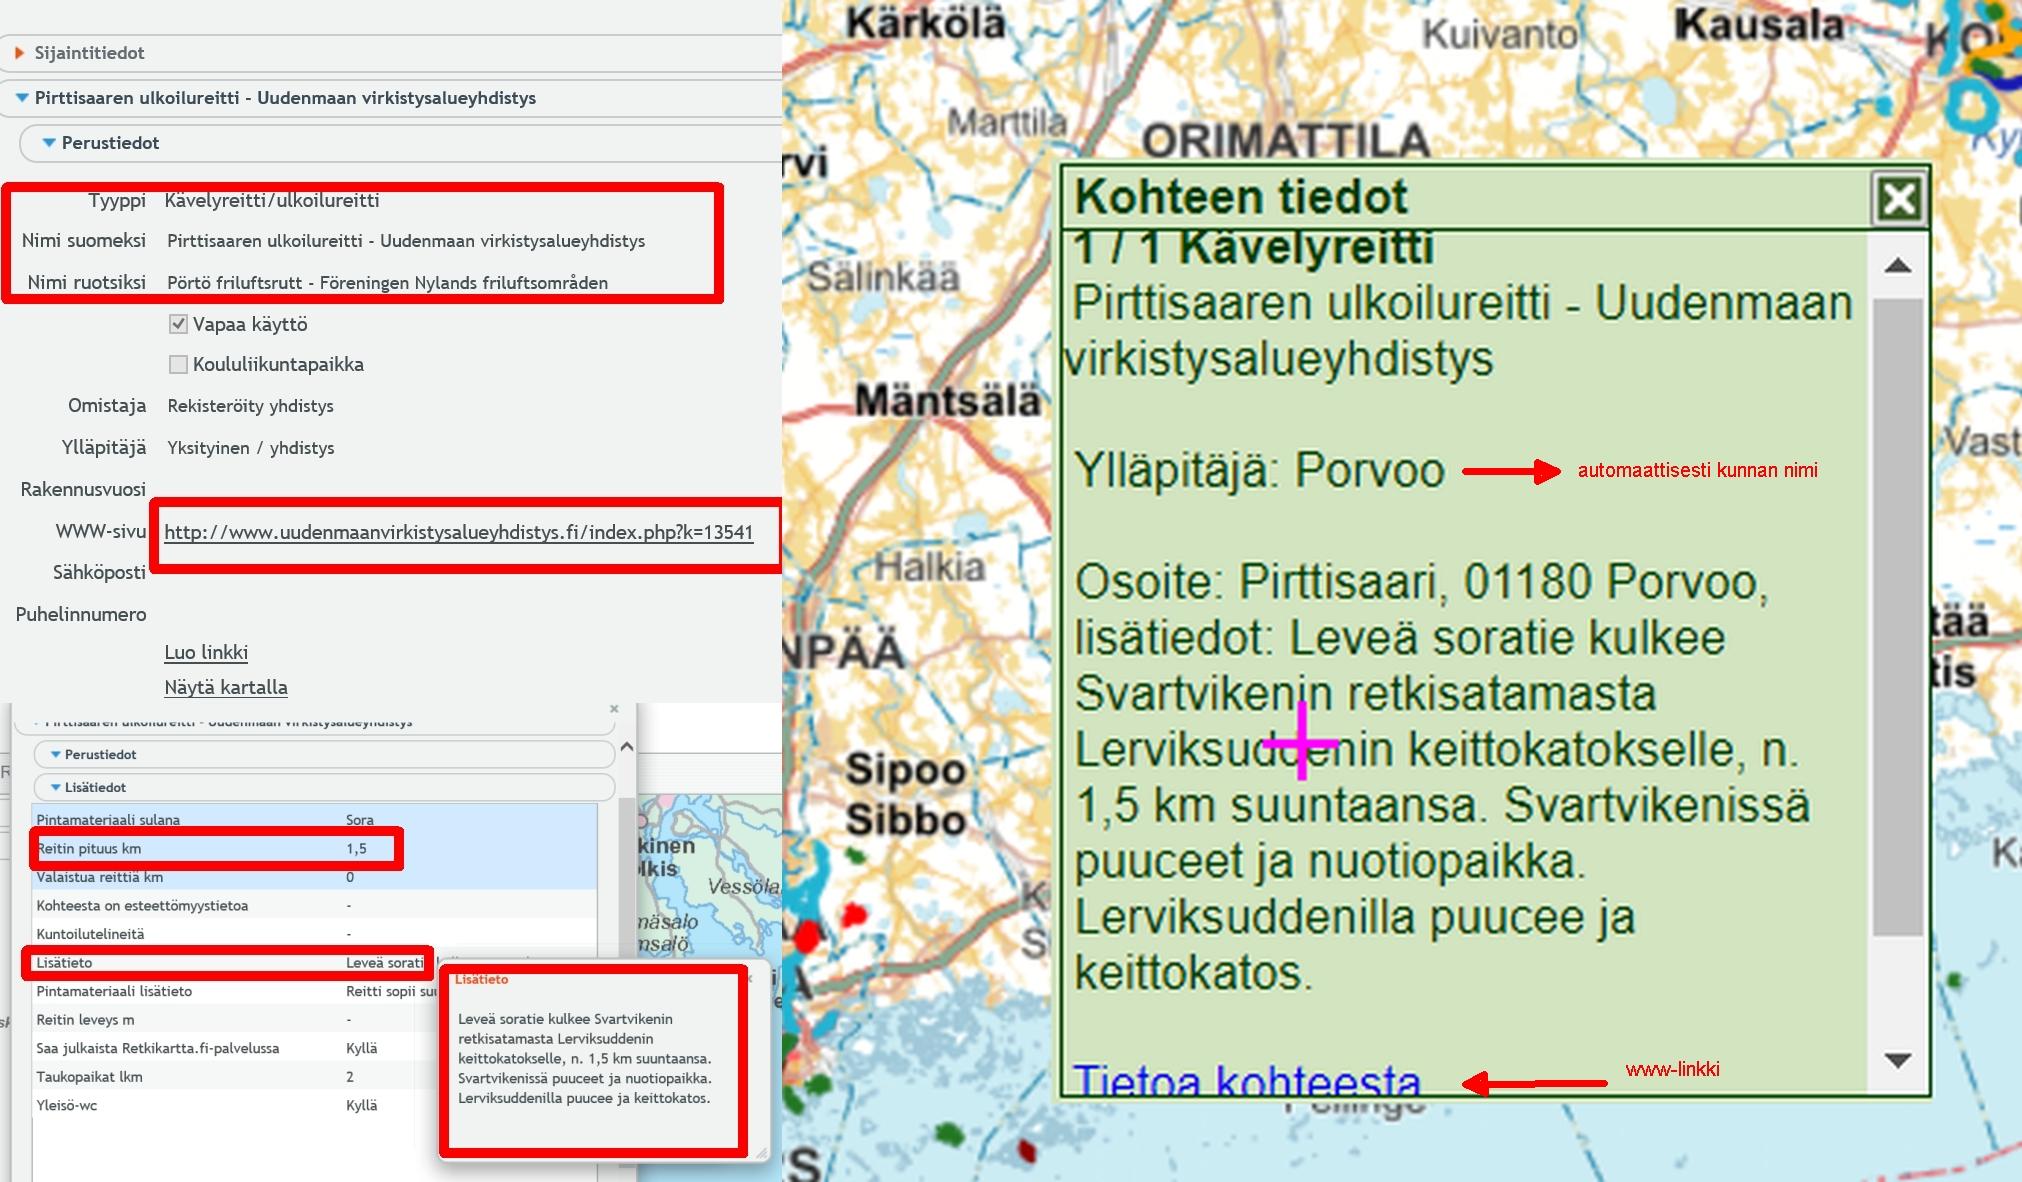 retkikartta-kuva2.jpg